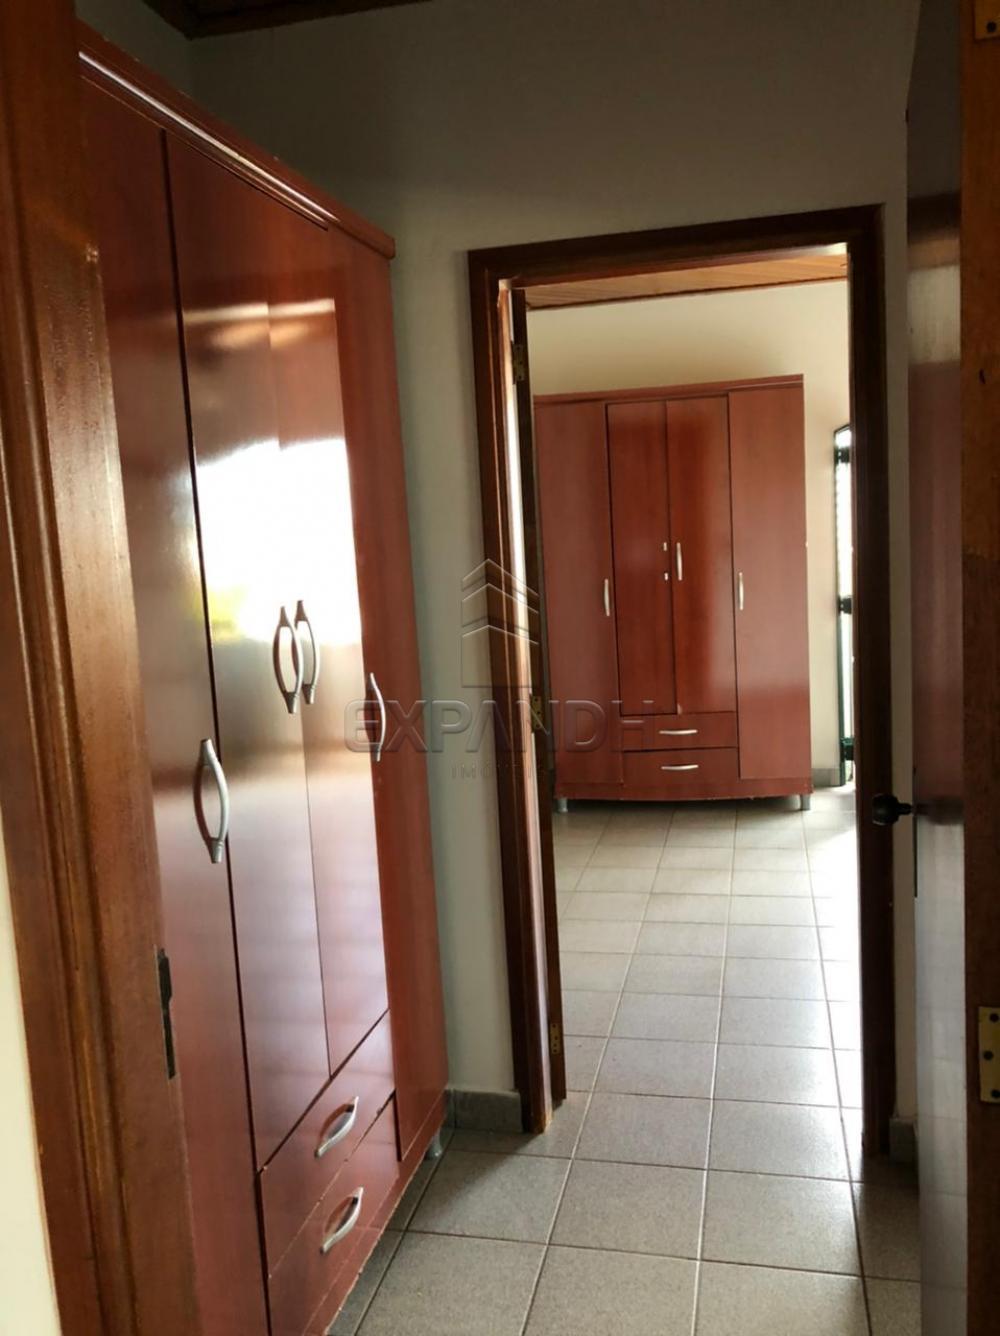 Alugar Casas / Padrão em Sertãozinho R$ 2.700,00 - Foto 19